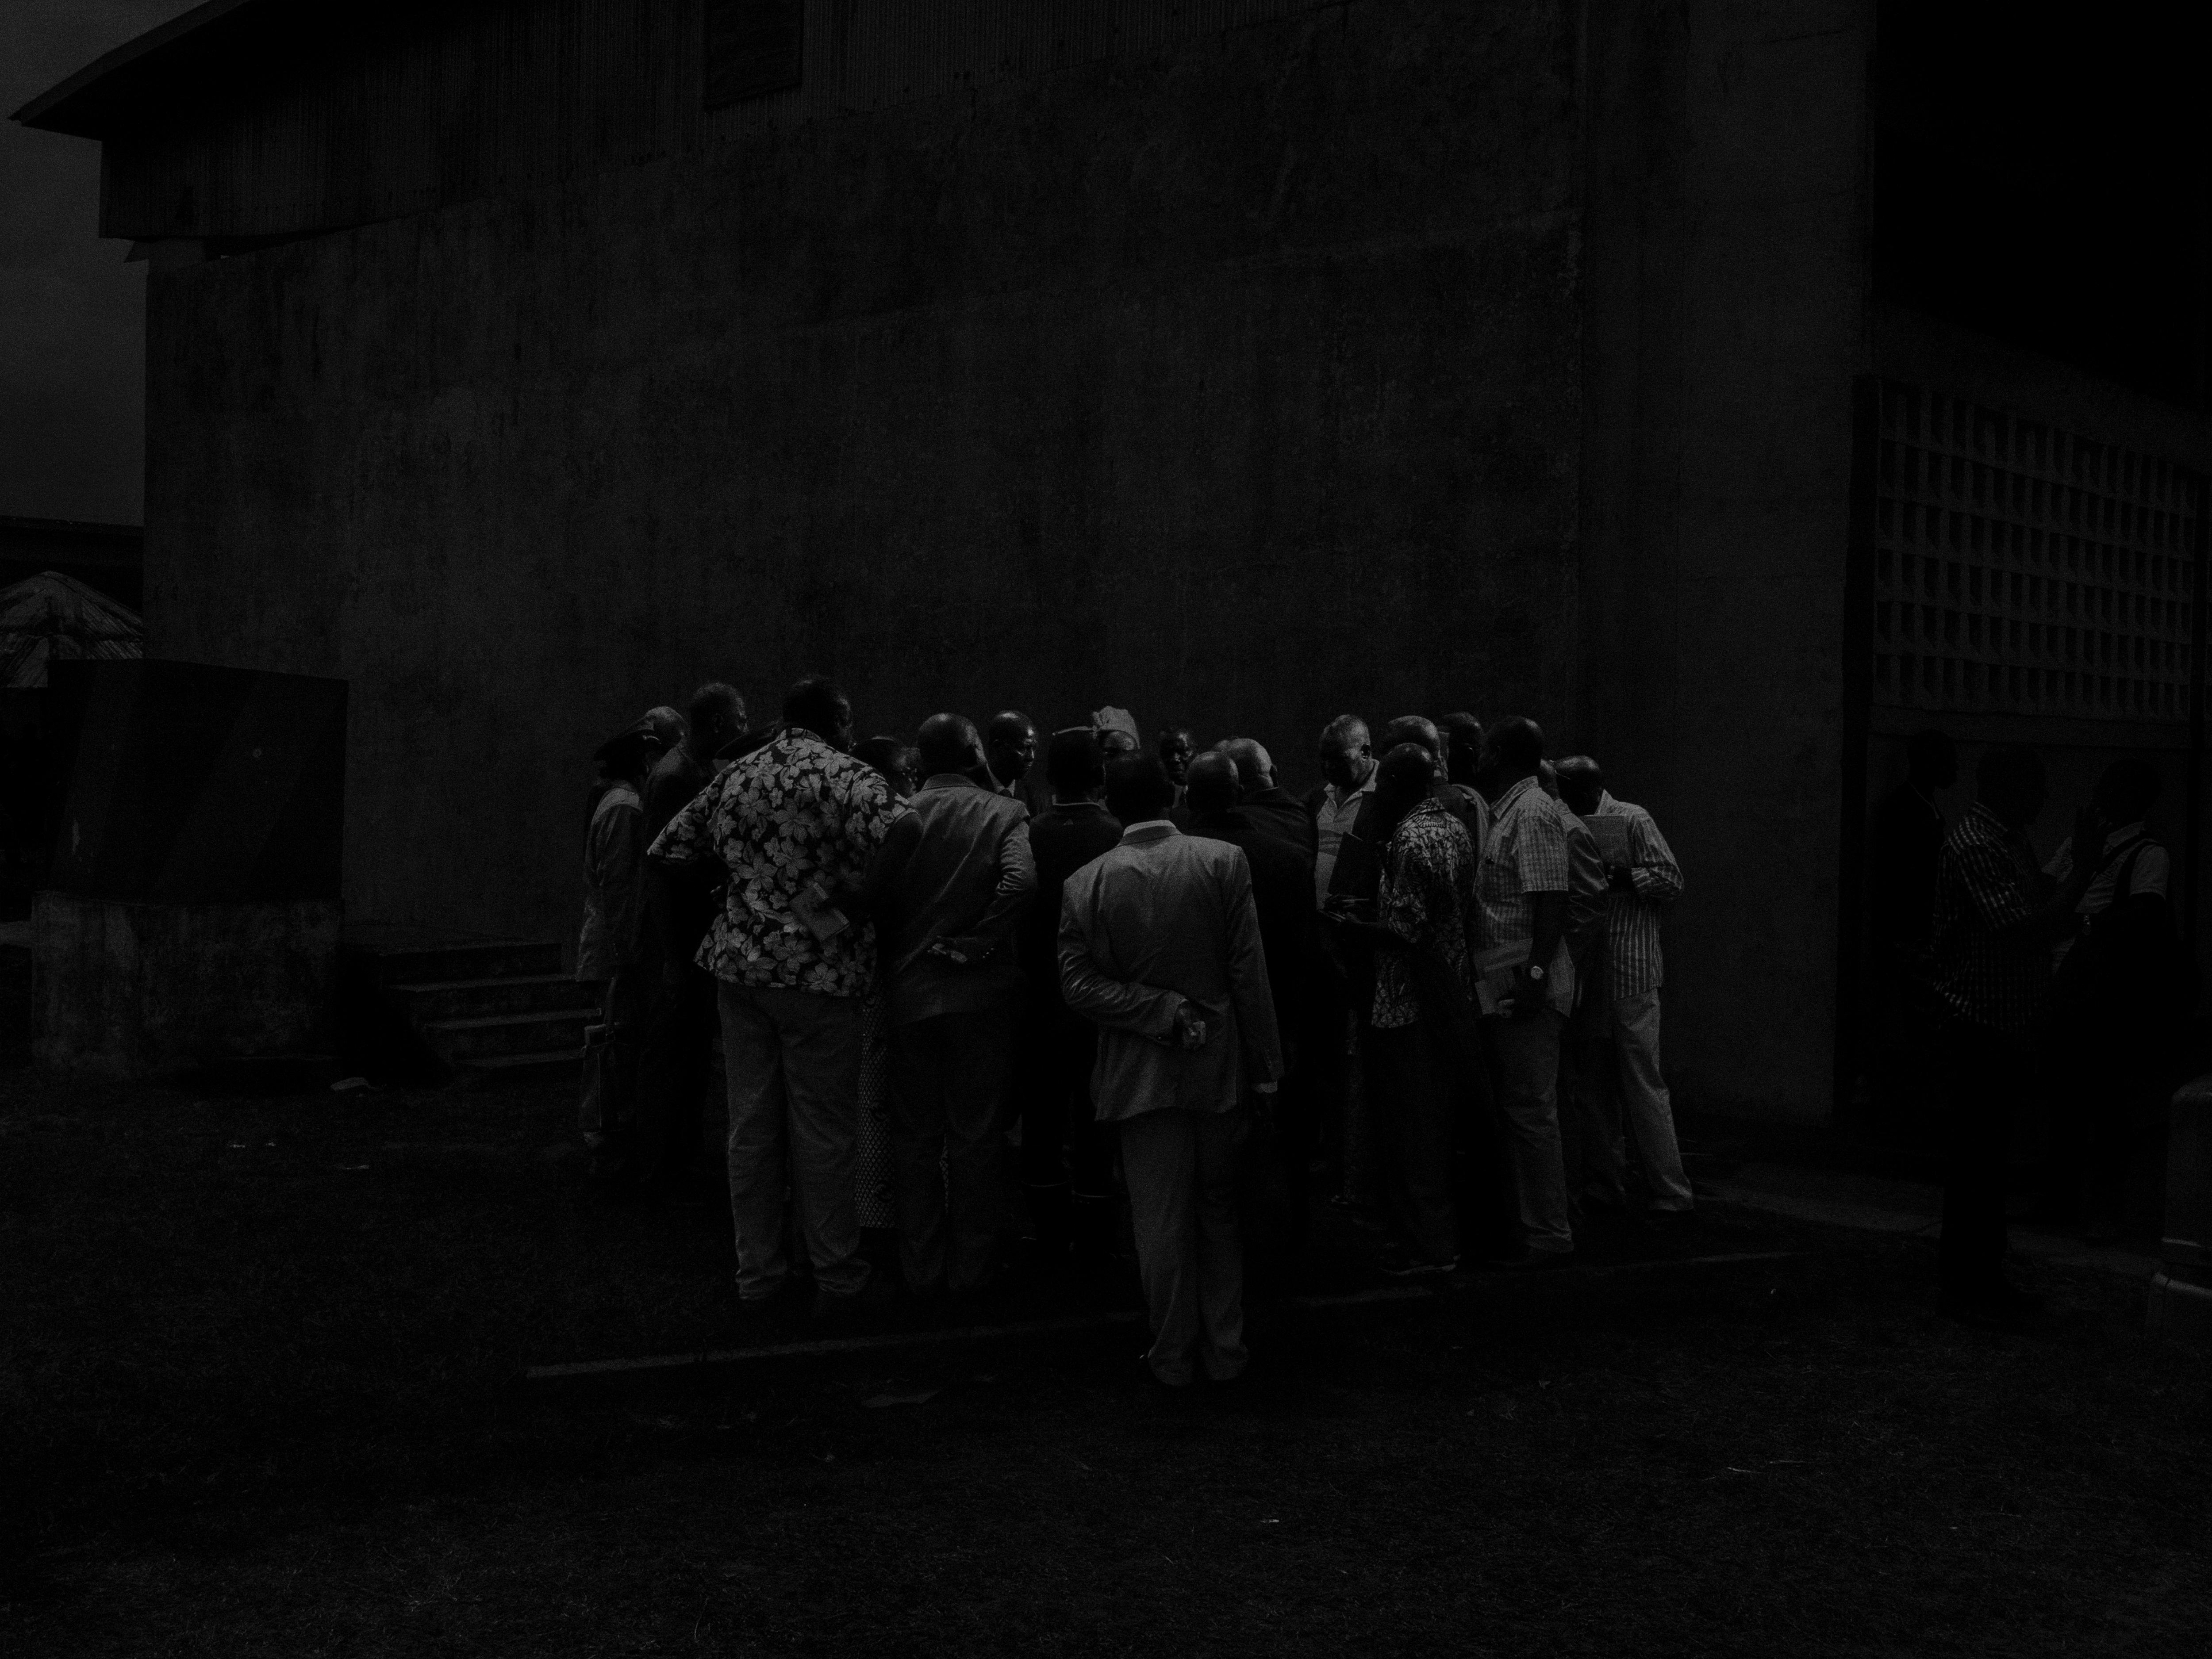 Alex Majoli, République du Congo, 2013, Scene #5370 © Alex Majoli / Magnum Photos Rassemblement des élus locaux à Pointe Noire.